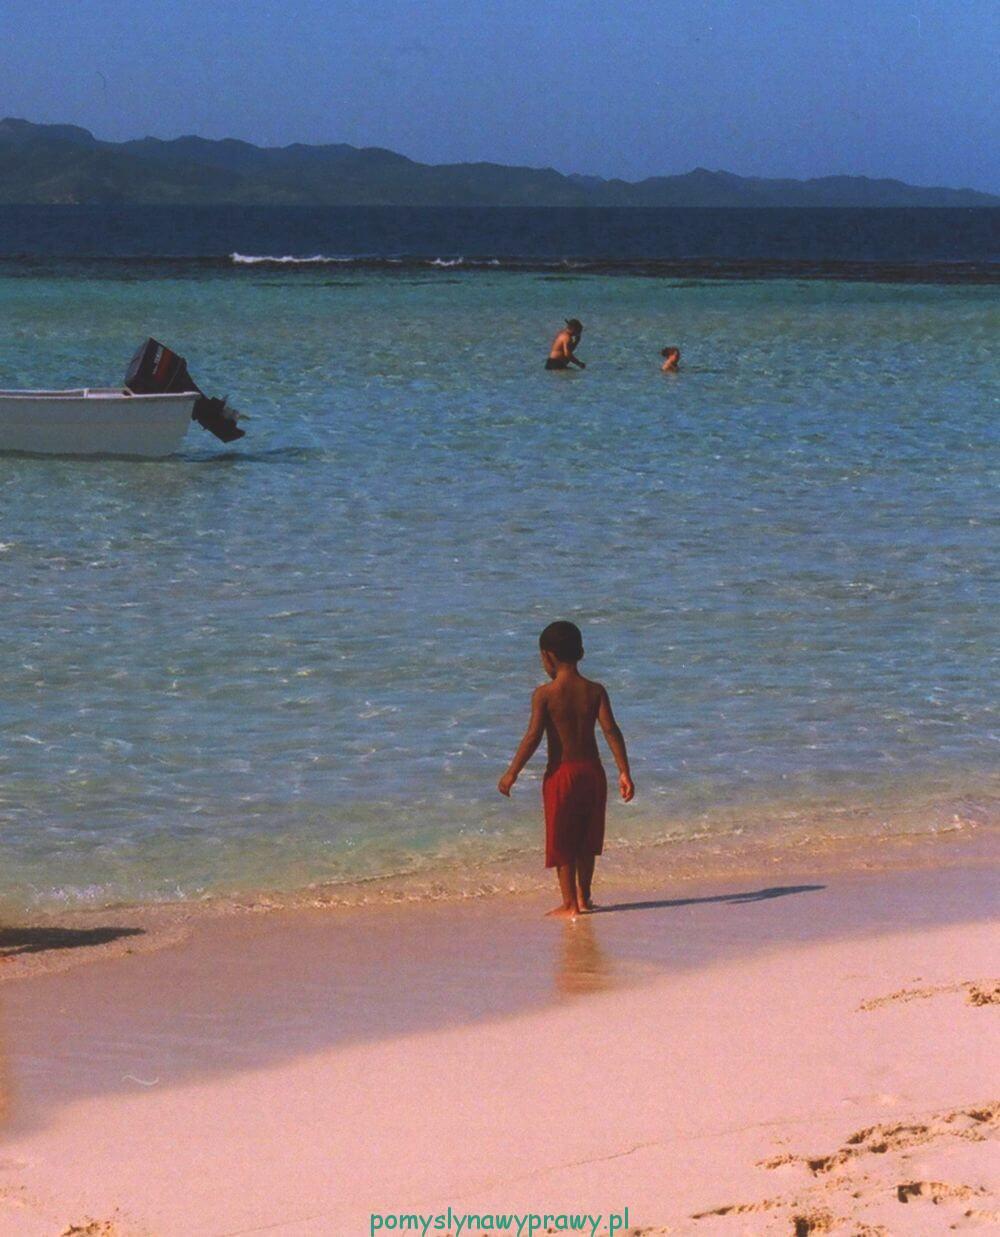 Dominikana Isla Paraiso Punta Rusia